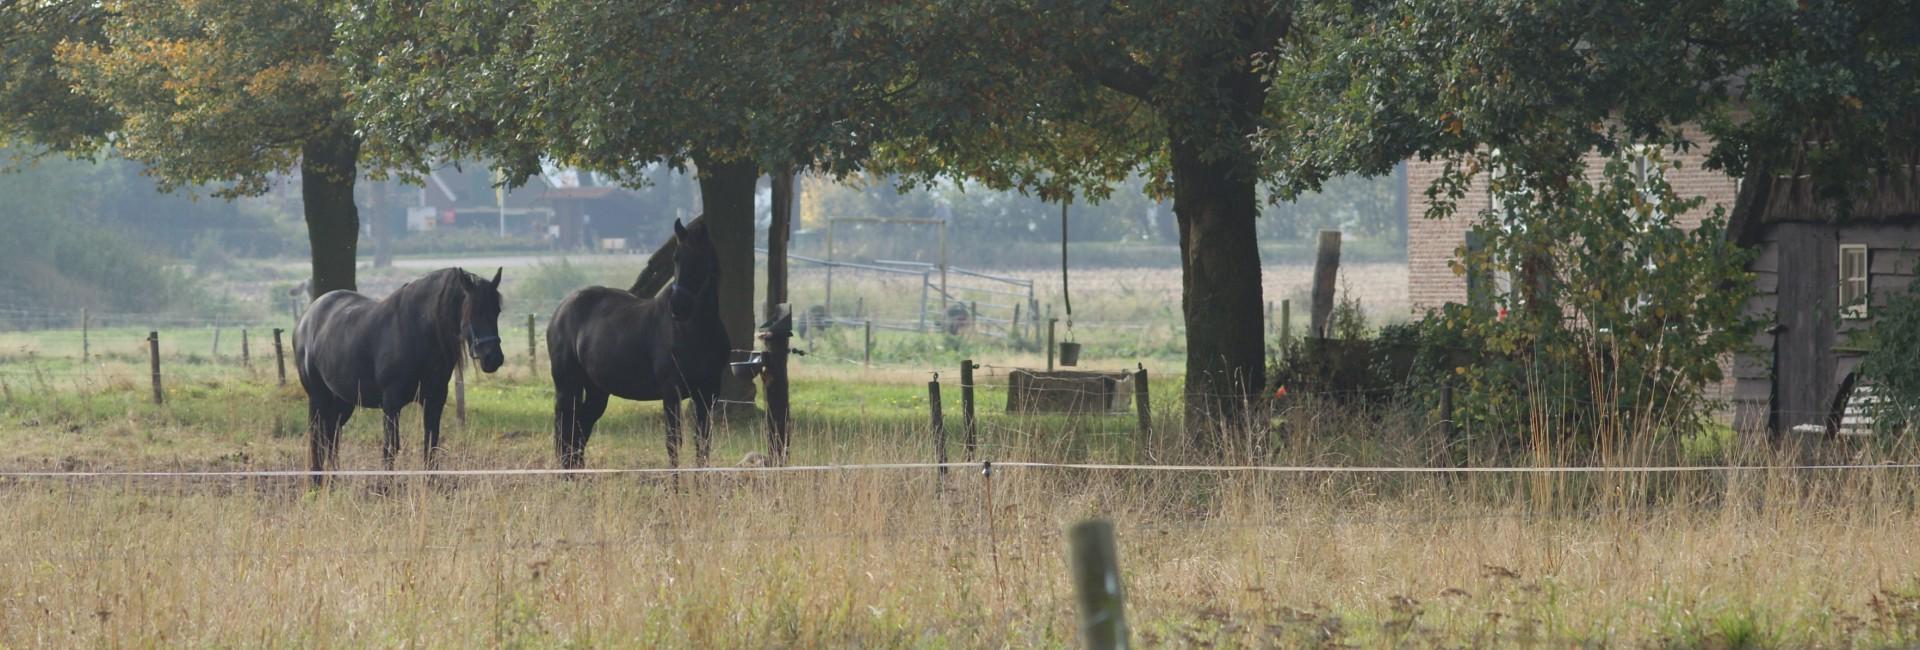 Dorpenoverleg Midden Drenthe